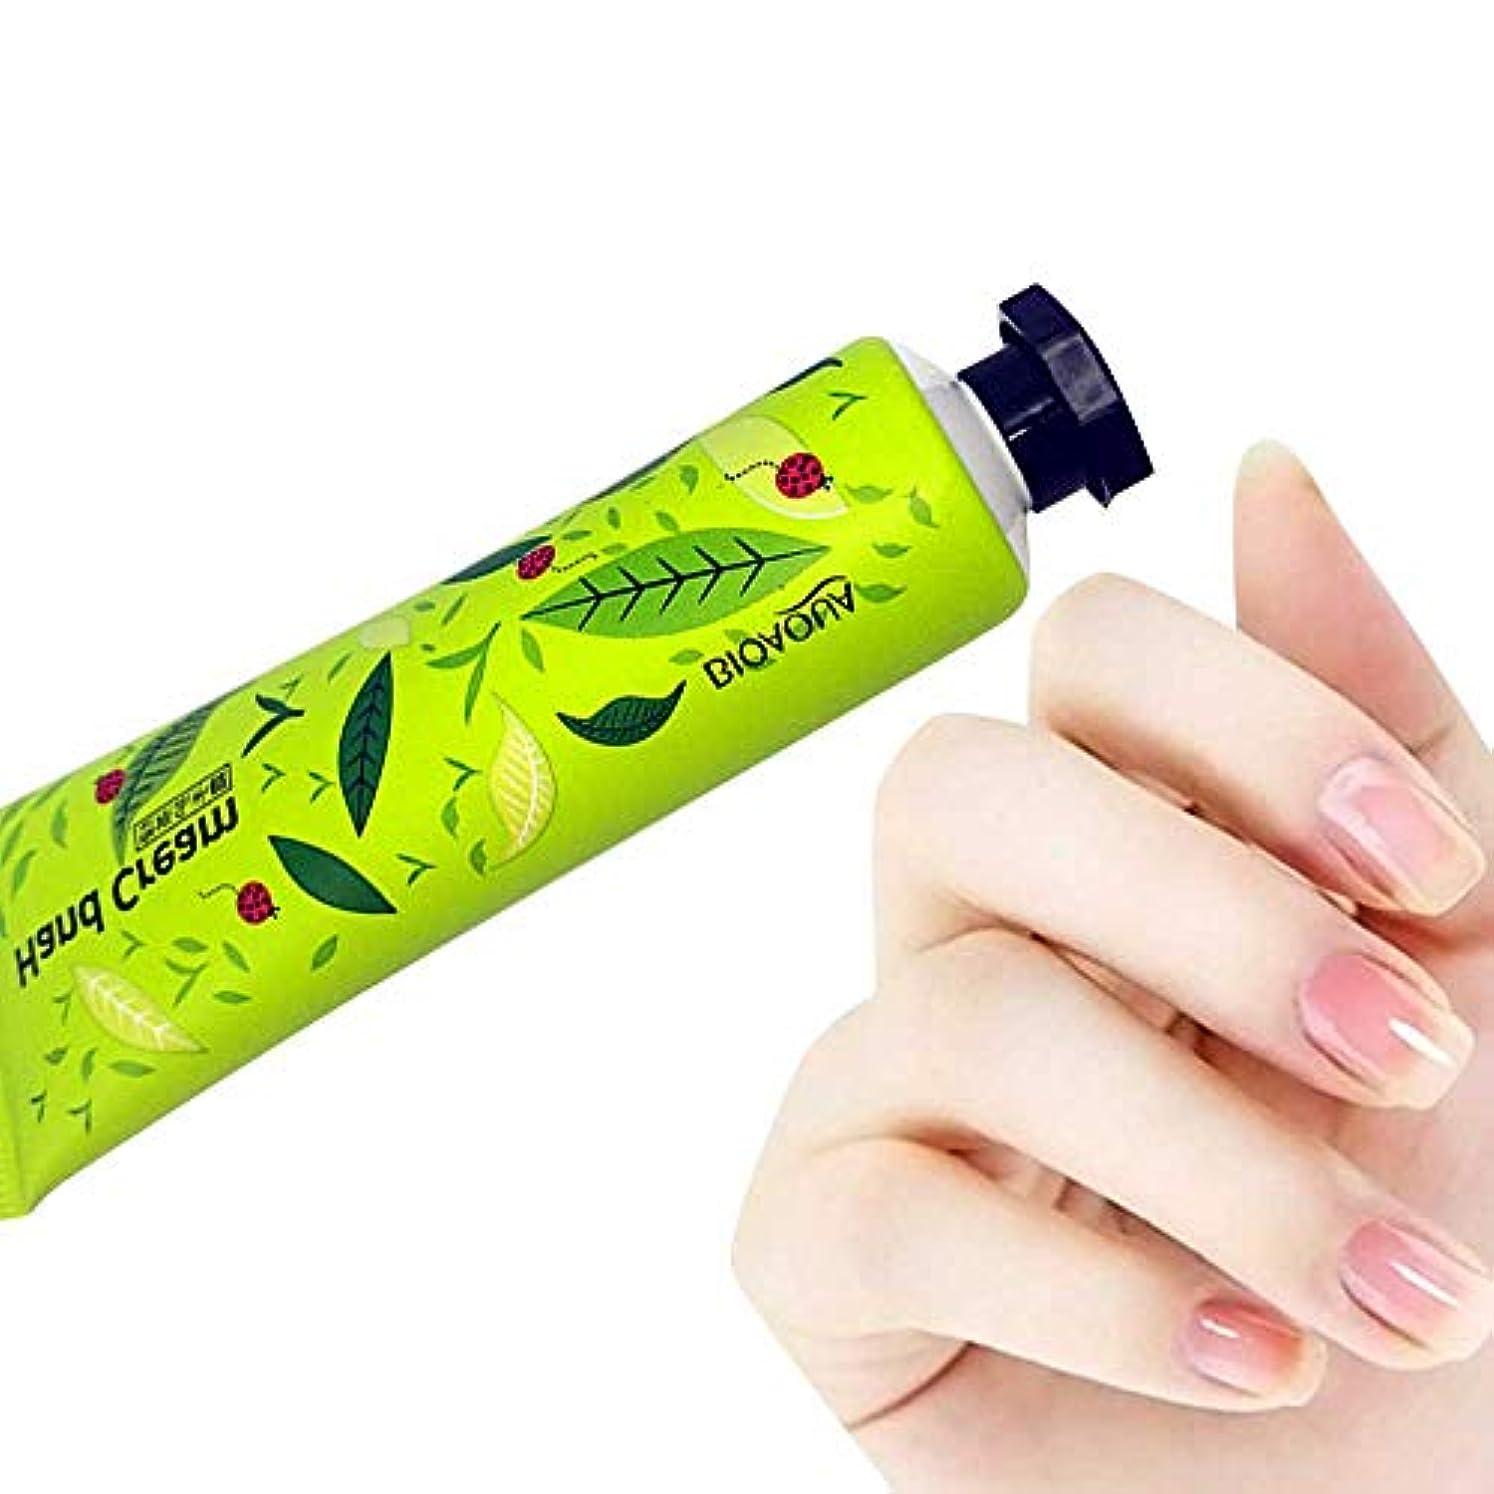 振り返るテレビ印象ハンドクリーム Akane BIOAOUA 植物エキス 潤う 保湿 水分補給 香り 手荒れを防ぐ 無添加 天然 乾燥肌用 自然 肌荒れ予防 Hand Cream